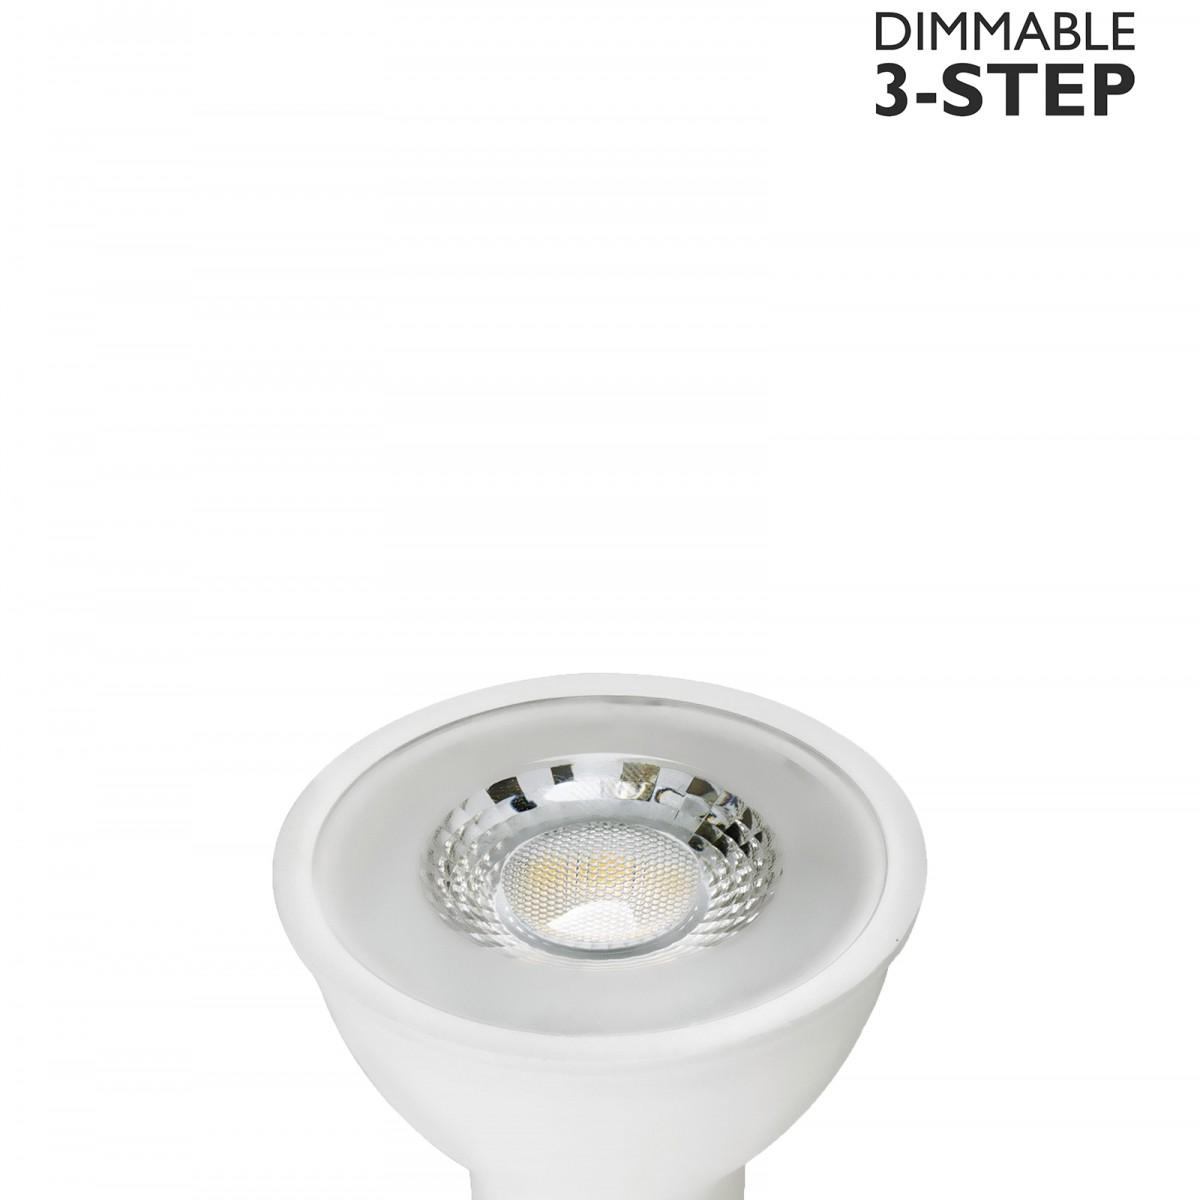 Bec LED dimabil L119, GU10, 5cm, lumină caldă